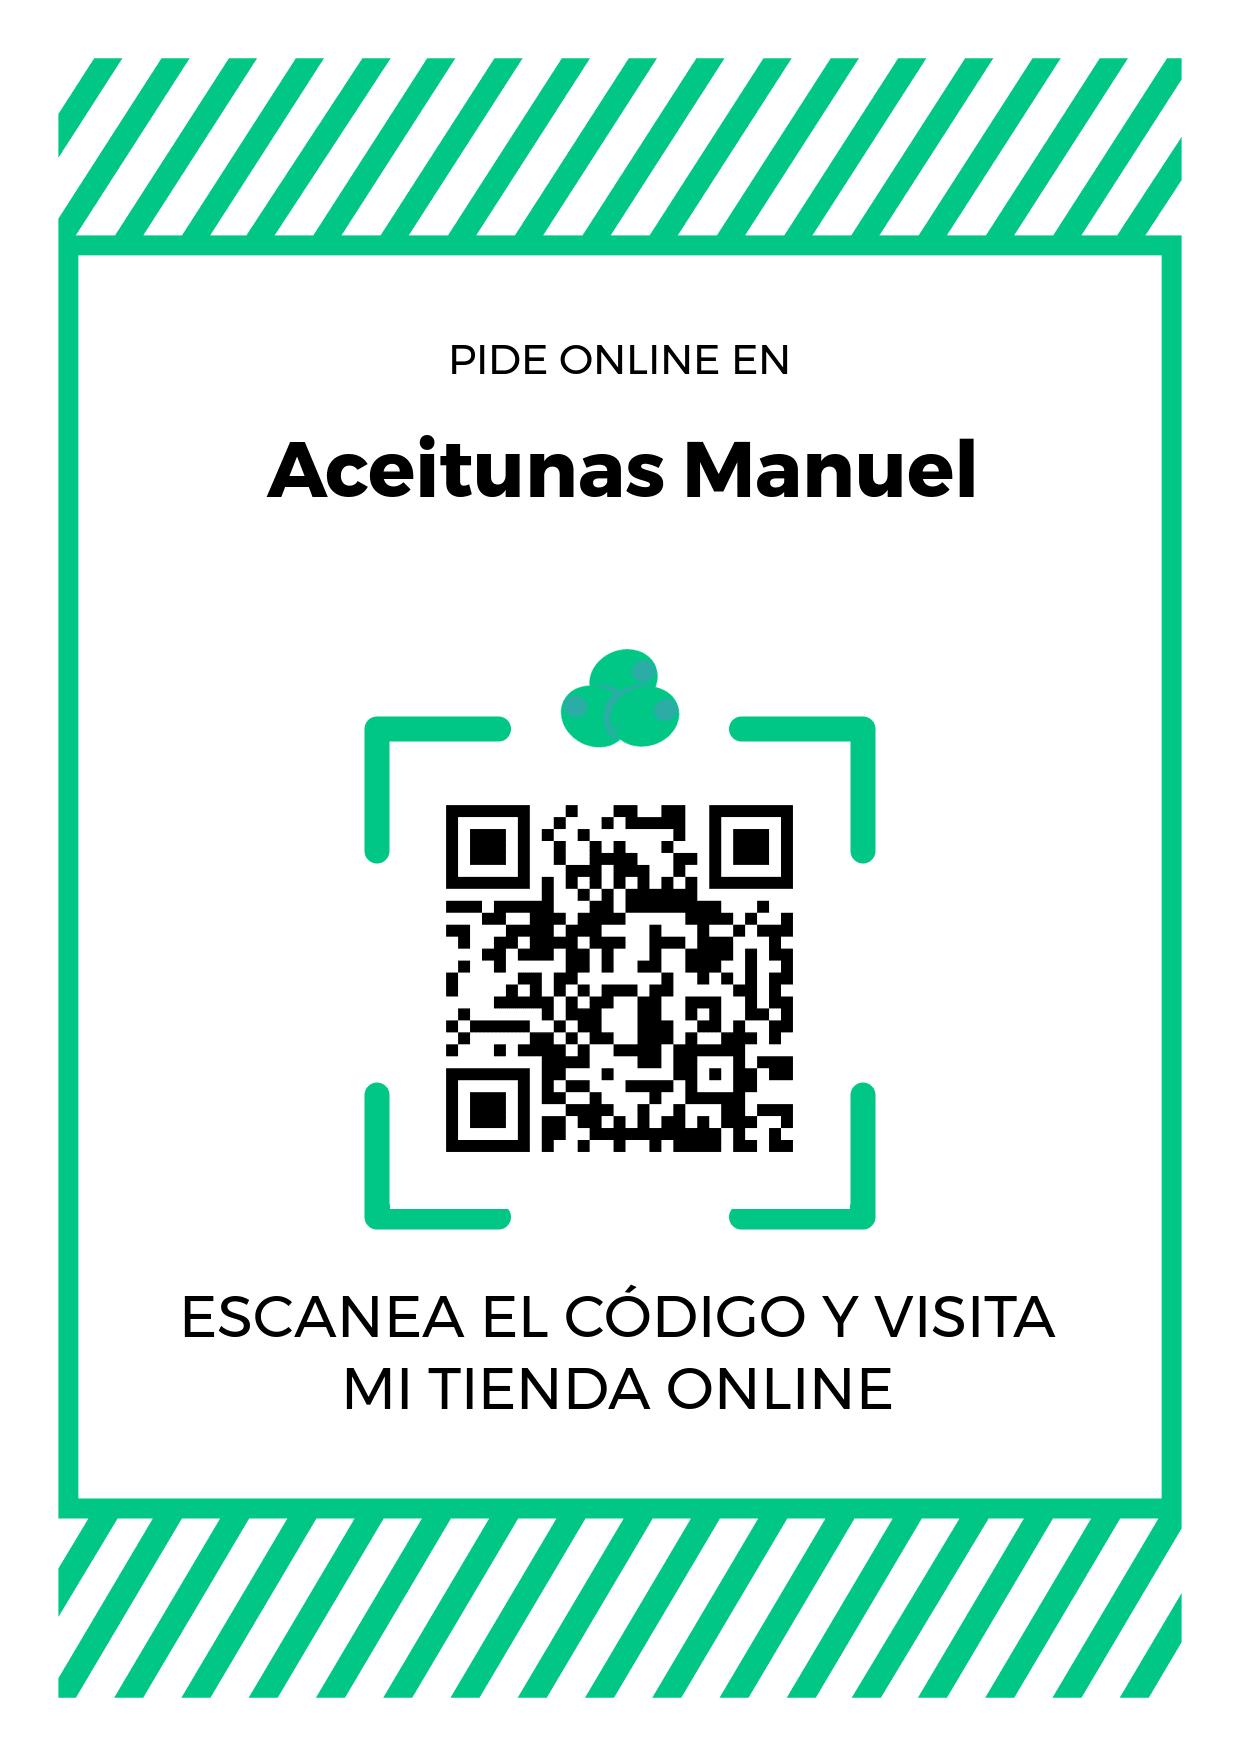 Cartel Póster de Código QR para tienda de Aceitunas